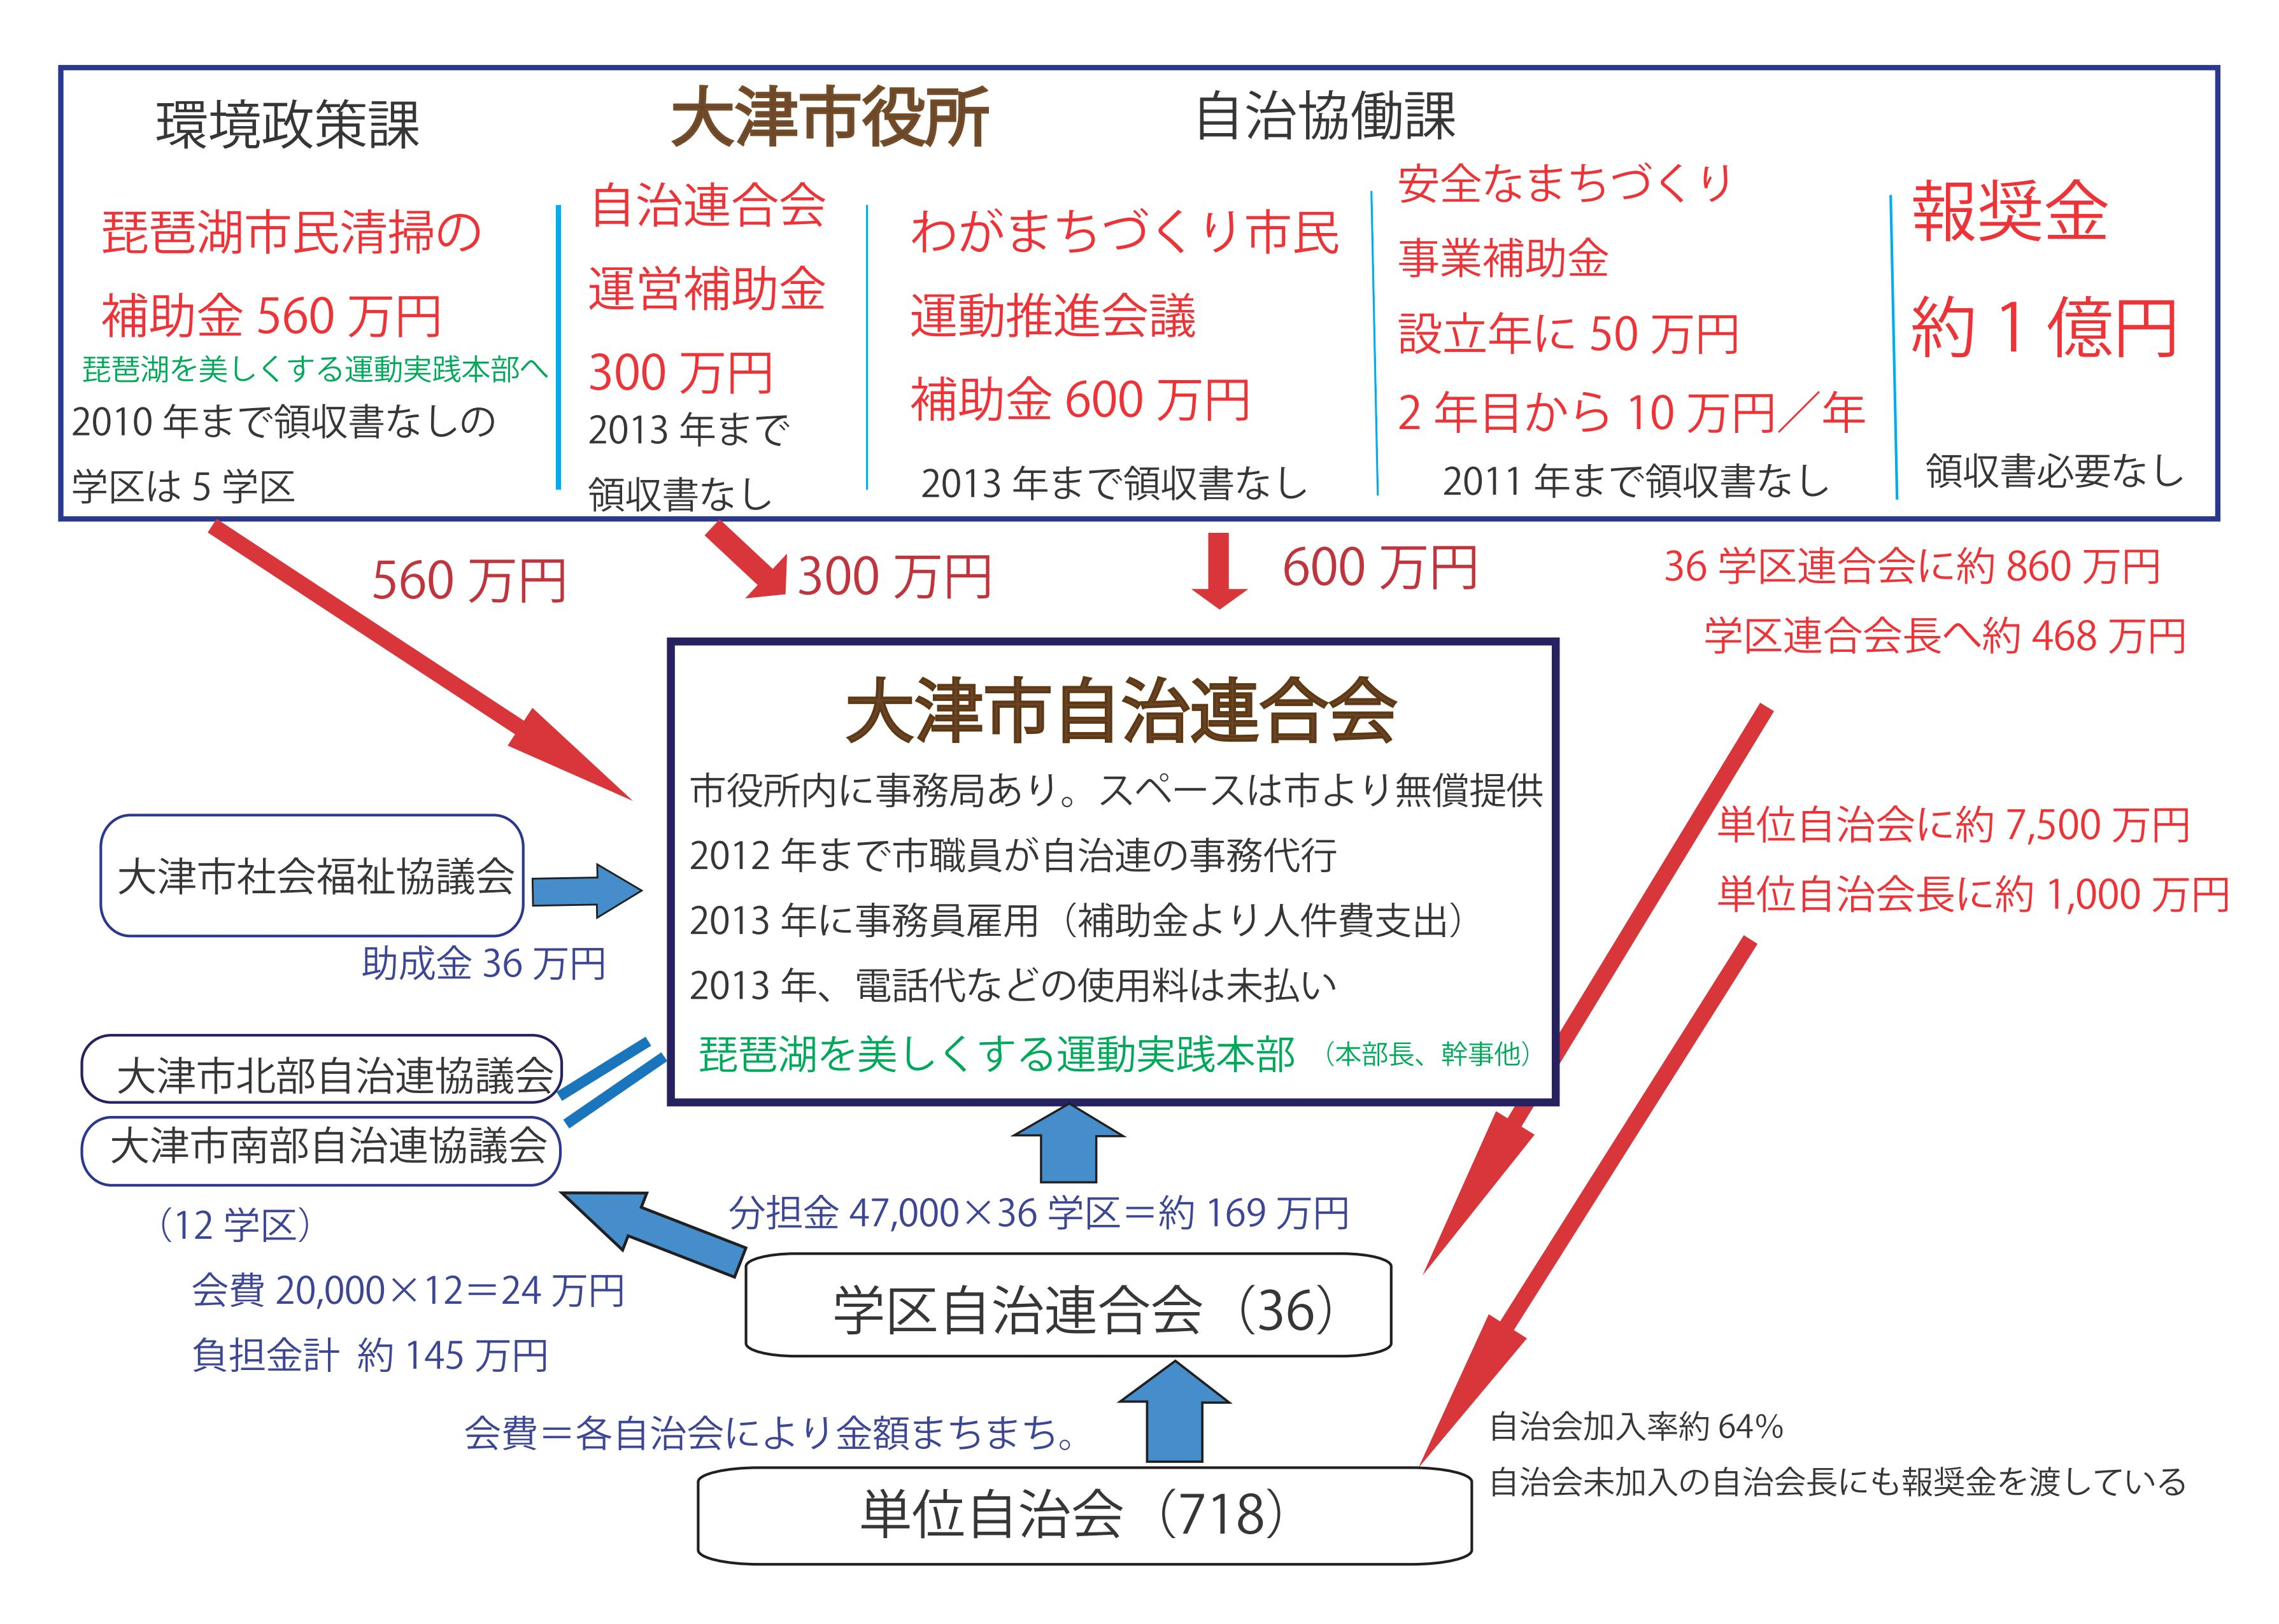 市と連合会/補助金、報償金、会費の流れ_02